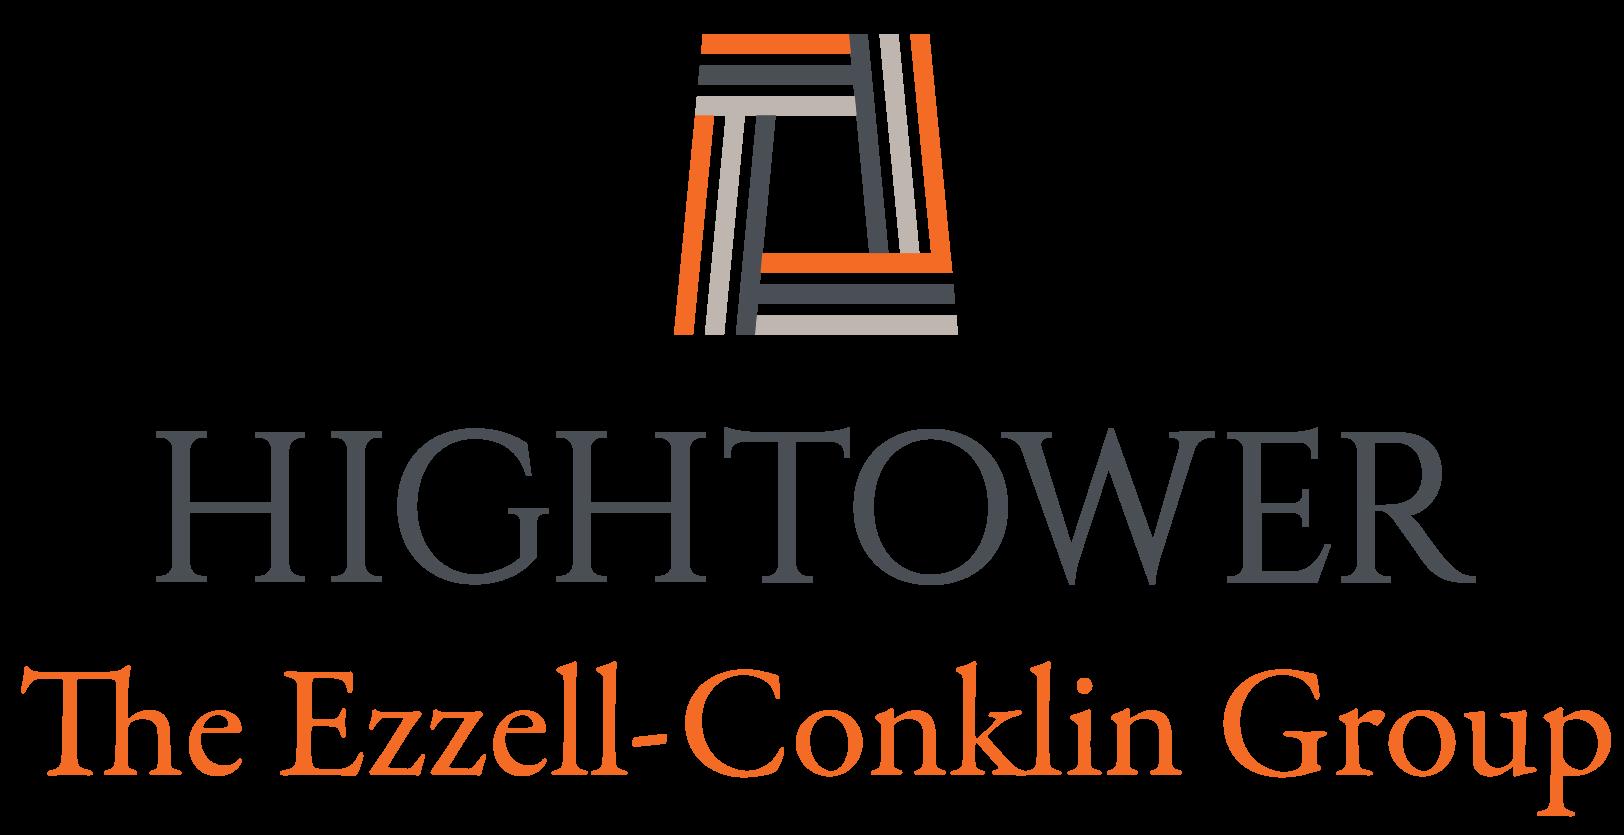 The Ezzell-Conklin Logo